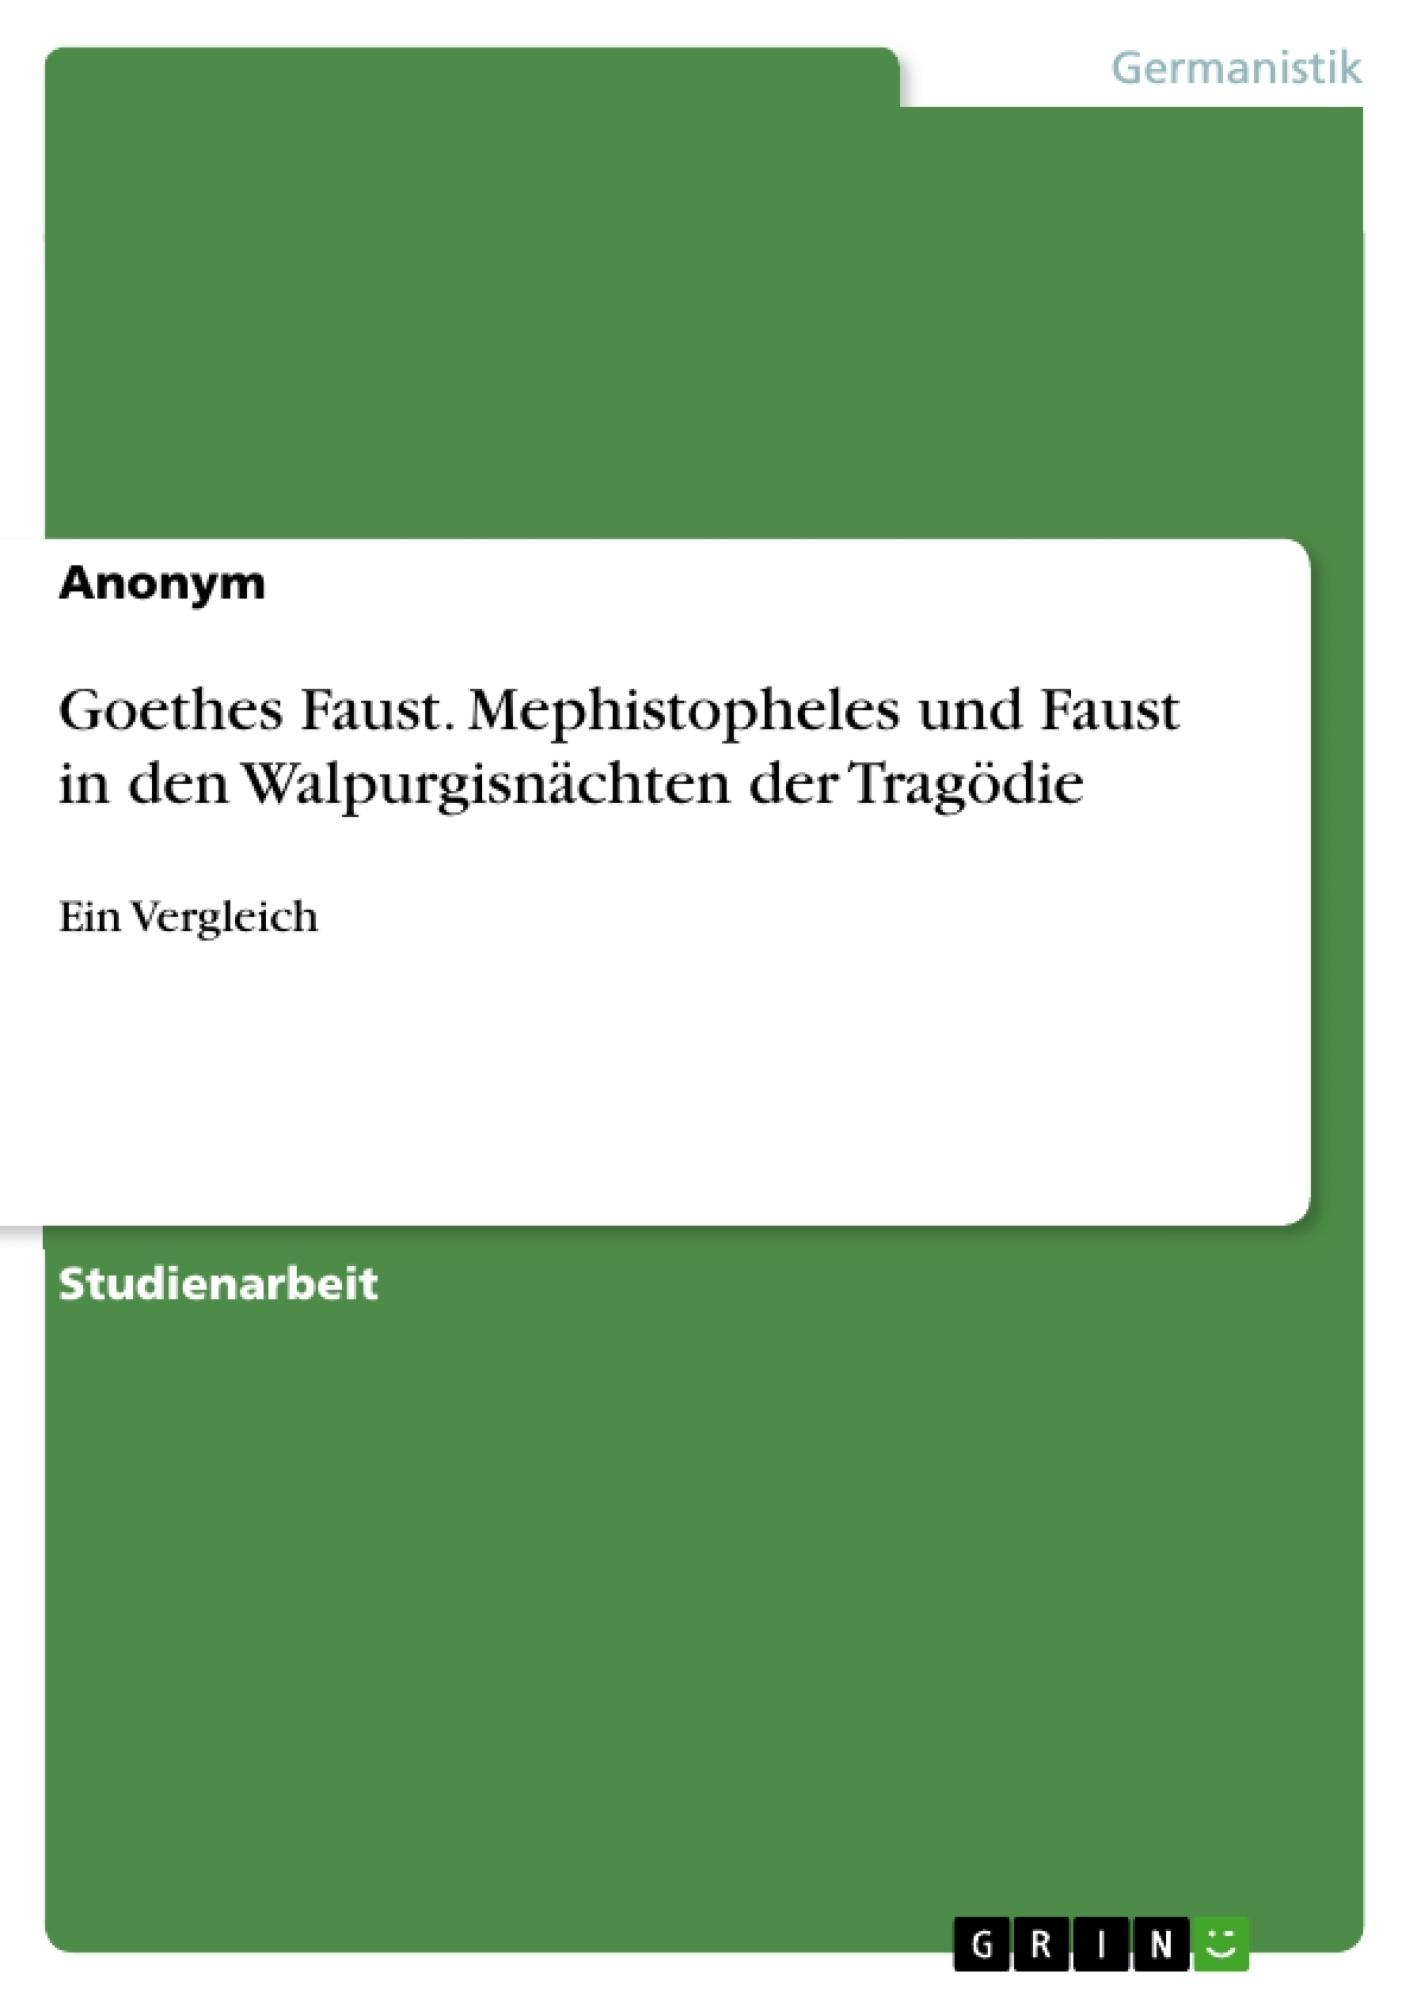 Titel: Goethes Faust. Mephistopheles und Faust in den Walpurgisnächten der Tragödie